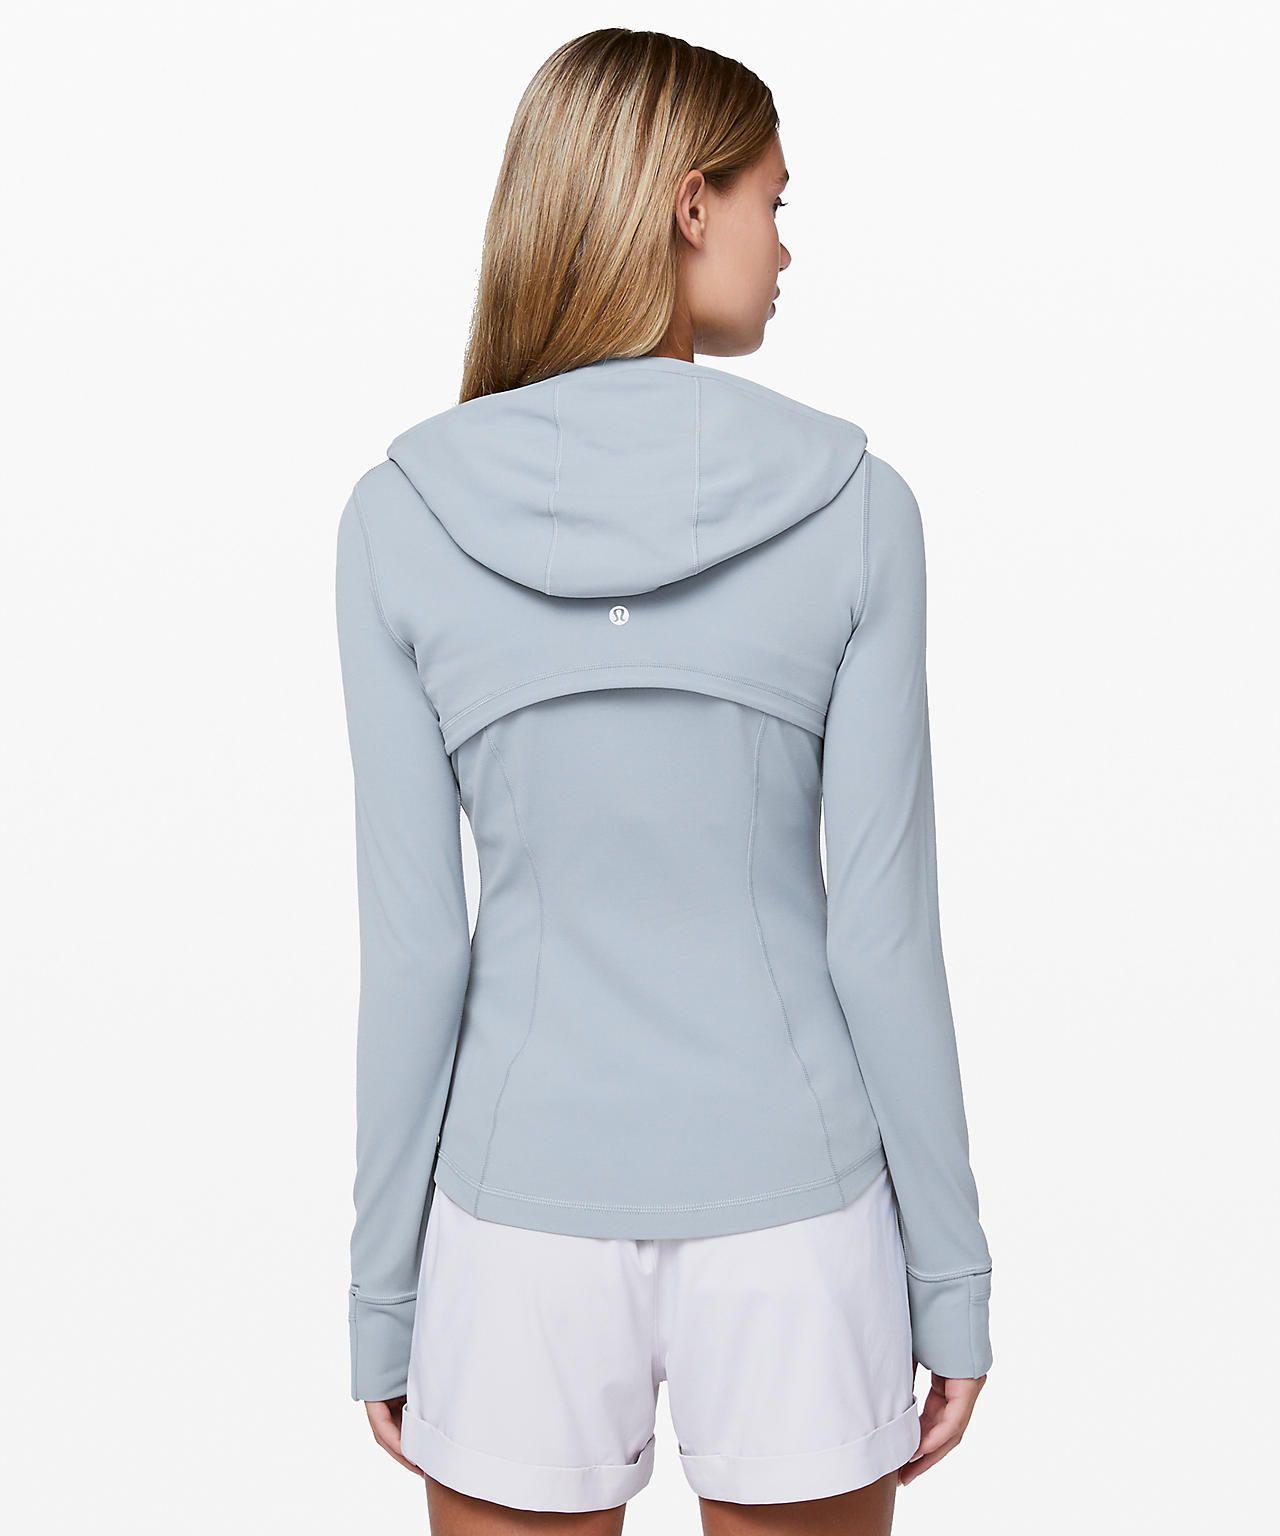 Hooded Define Jacket Nulu Women S Jackets Outerwear Lululemon Lululemon Outfits Jackets For Women Outerwear Jackets [ 1536 x 1280 Pixel ]